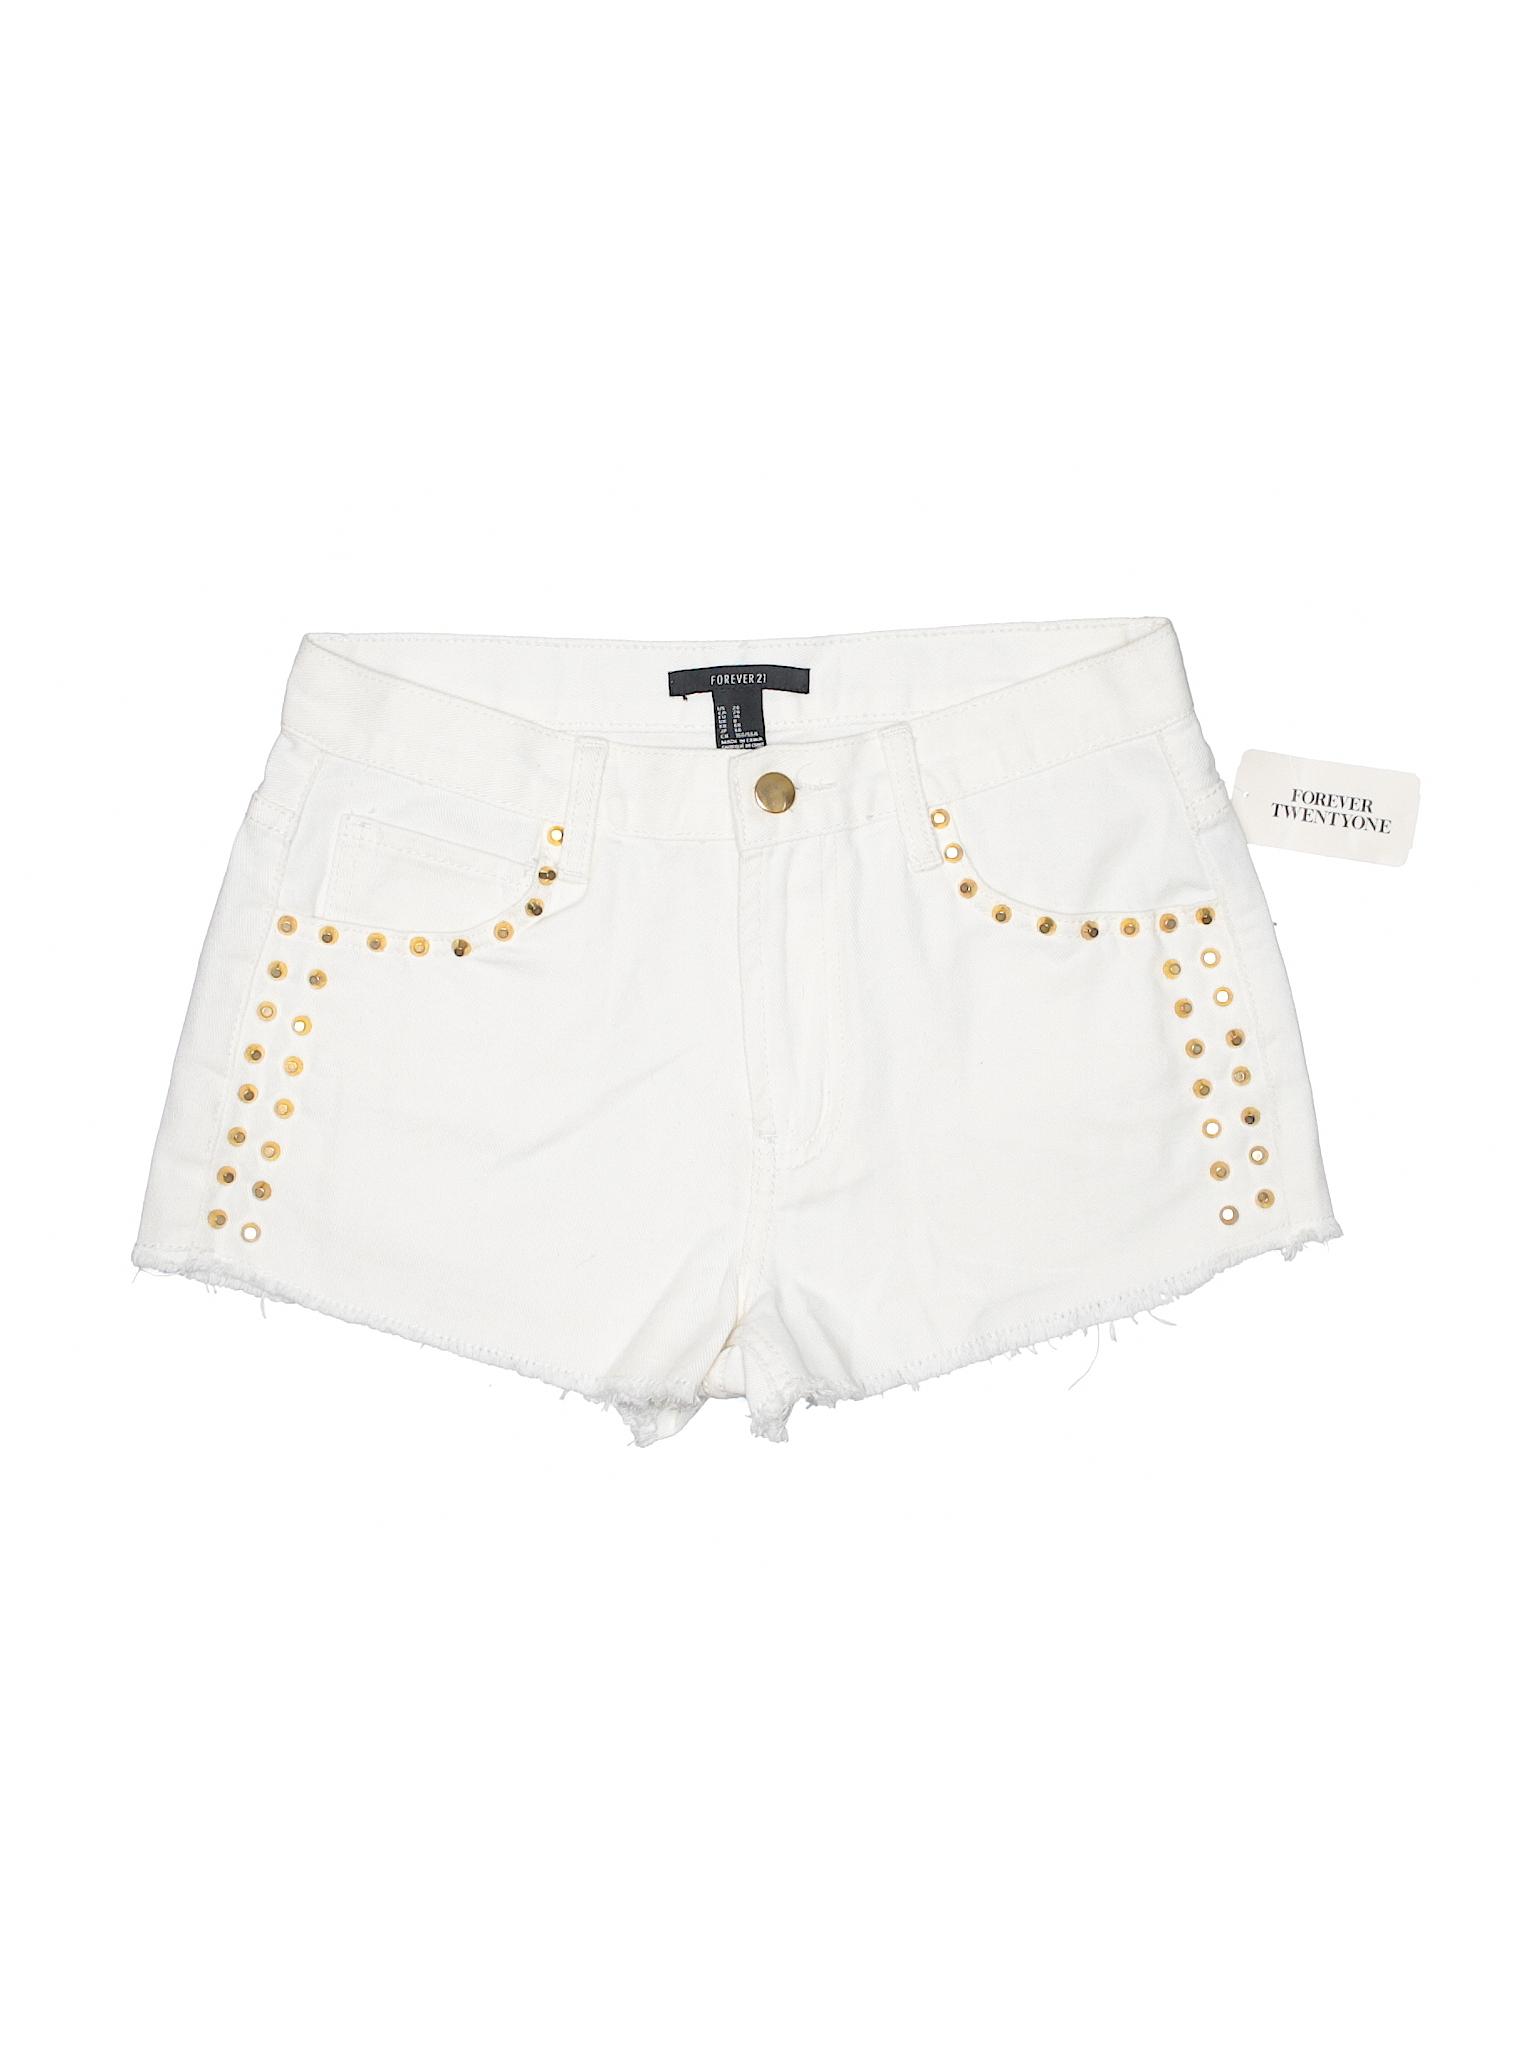 Forever 21 Boutique Shorts 21 Boutique Boutique Forever Denim Forever Forever 21 21 Shorts Denim Denim Boutique Shorts 6CnqRS6p